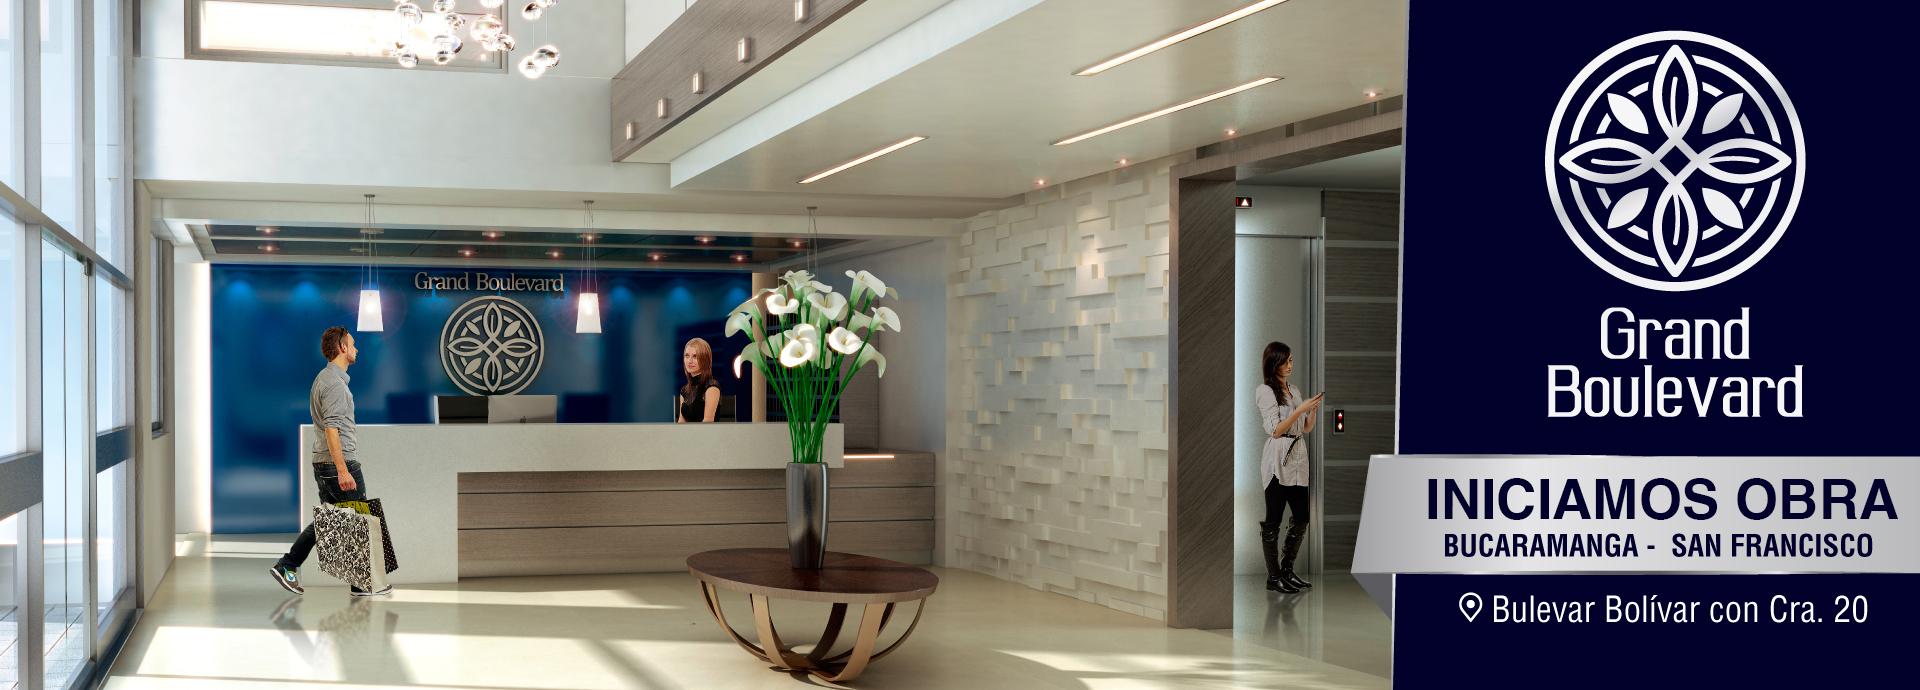 fenix-construcciones-apartamentos-grand-boulevard-1 (7)